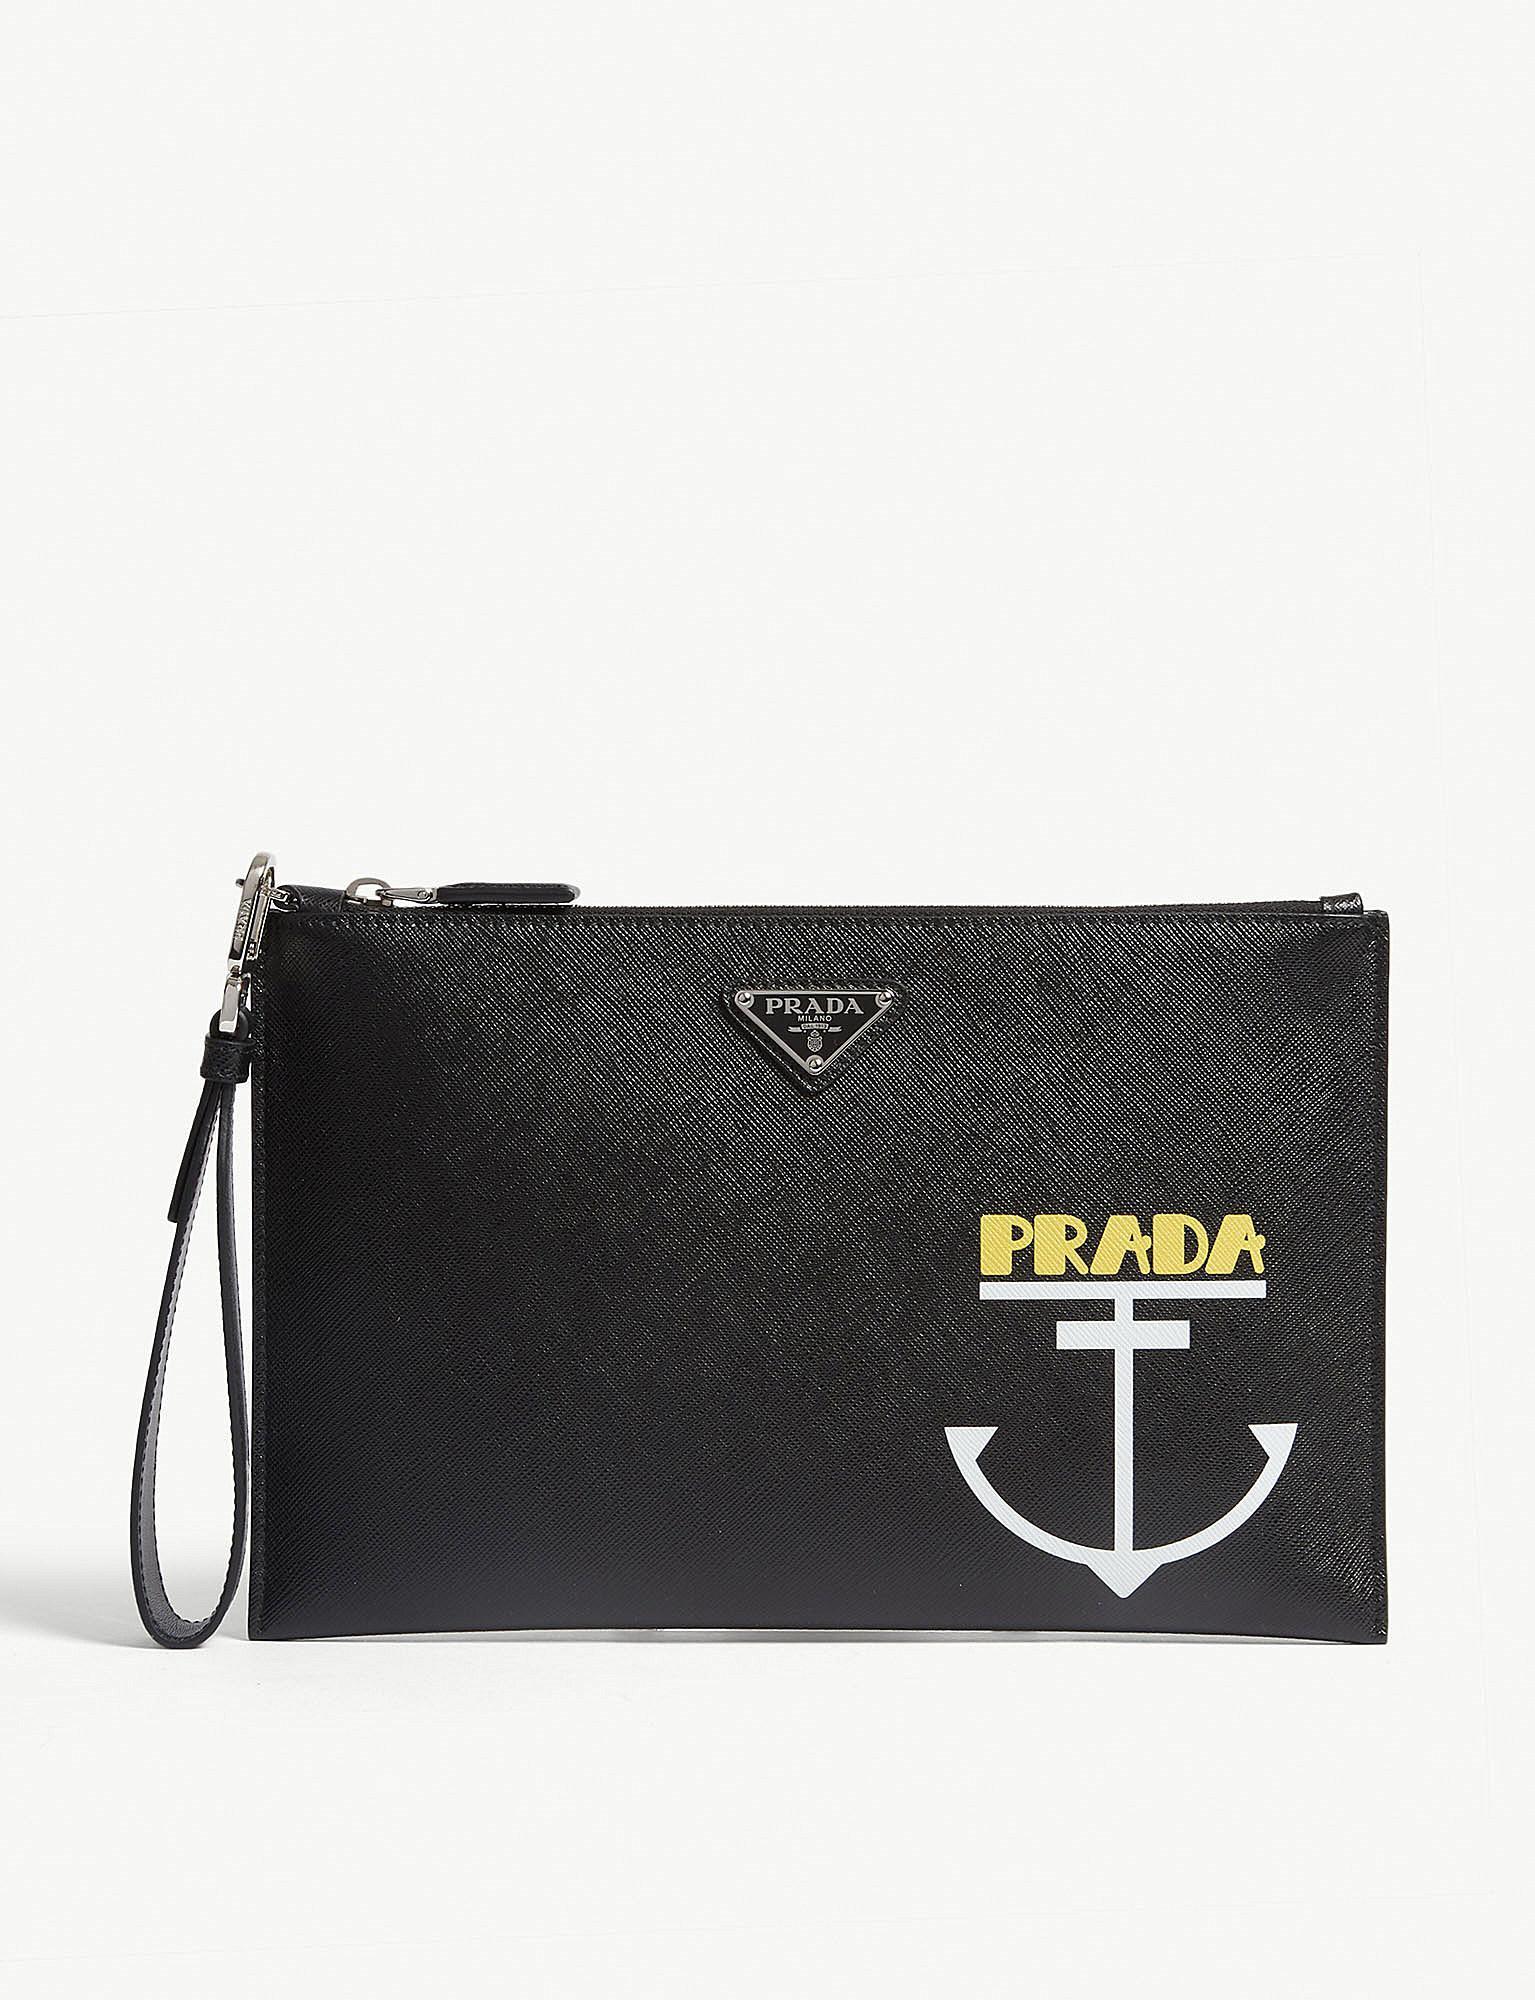 db0785edf1b0 Lyst - Prada Anchor Print Pouch Bag in Black for Men